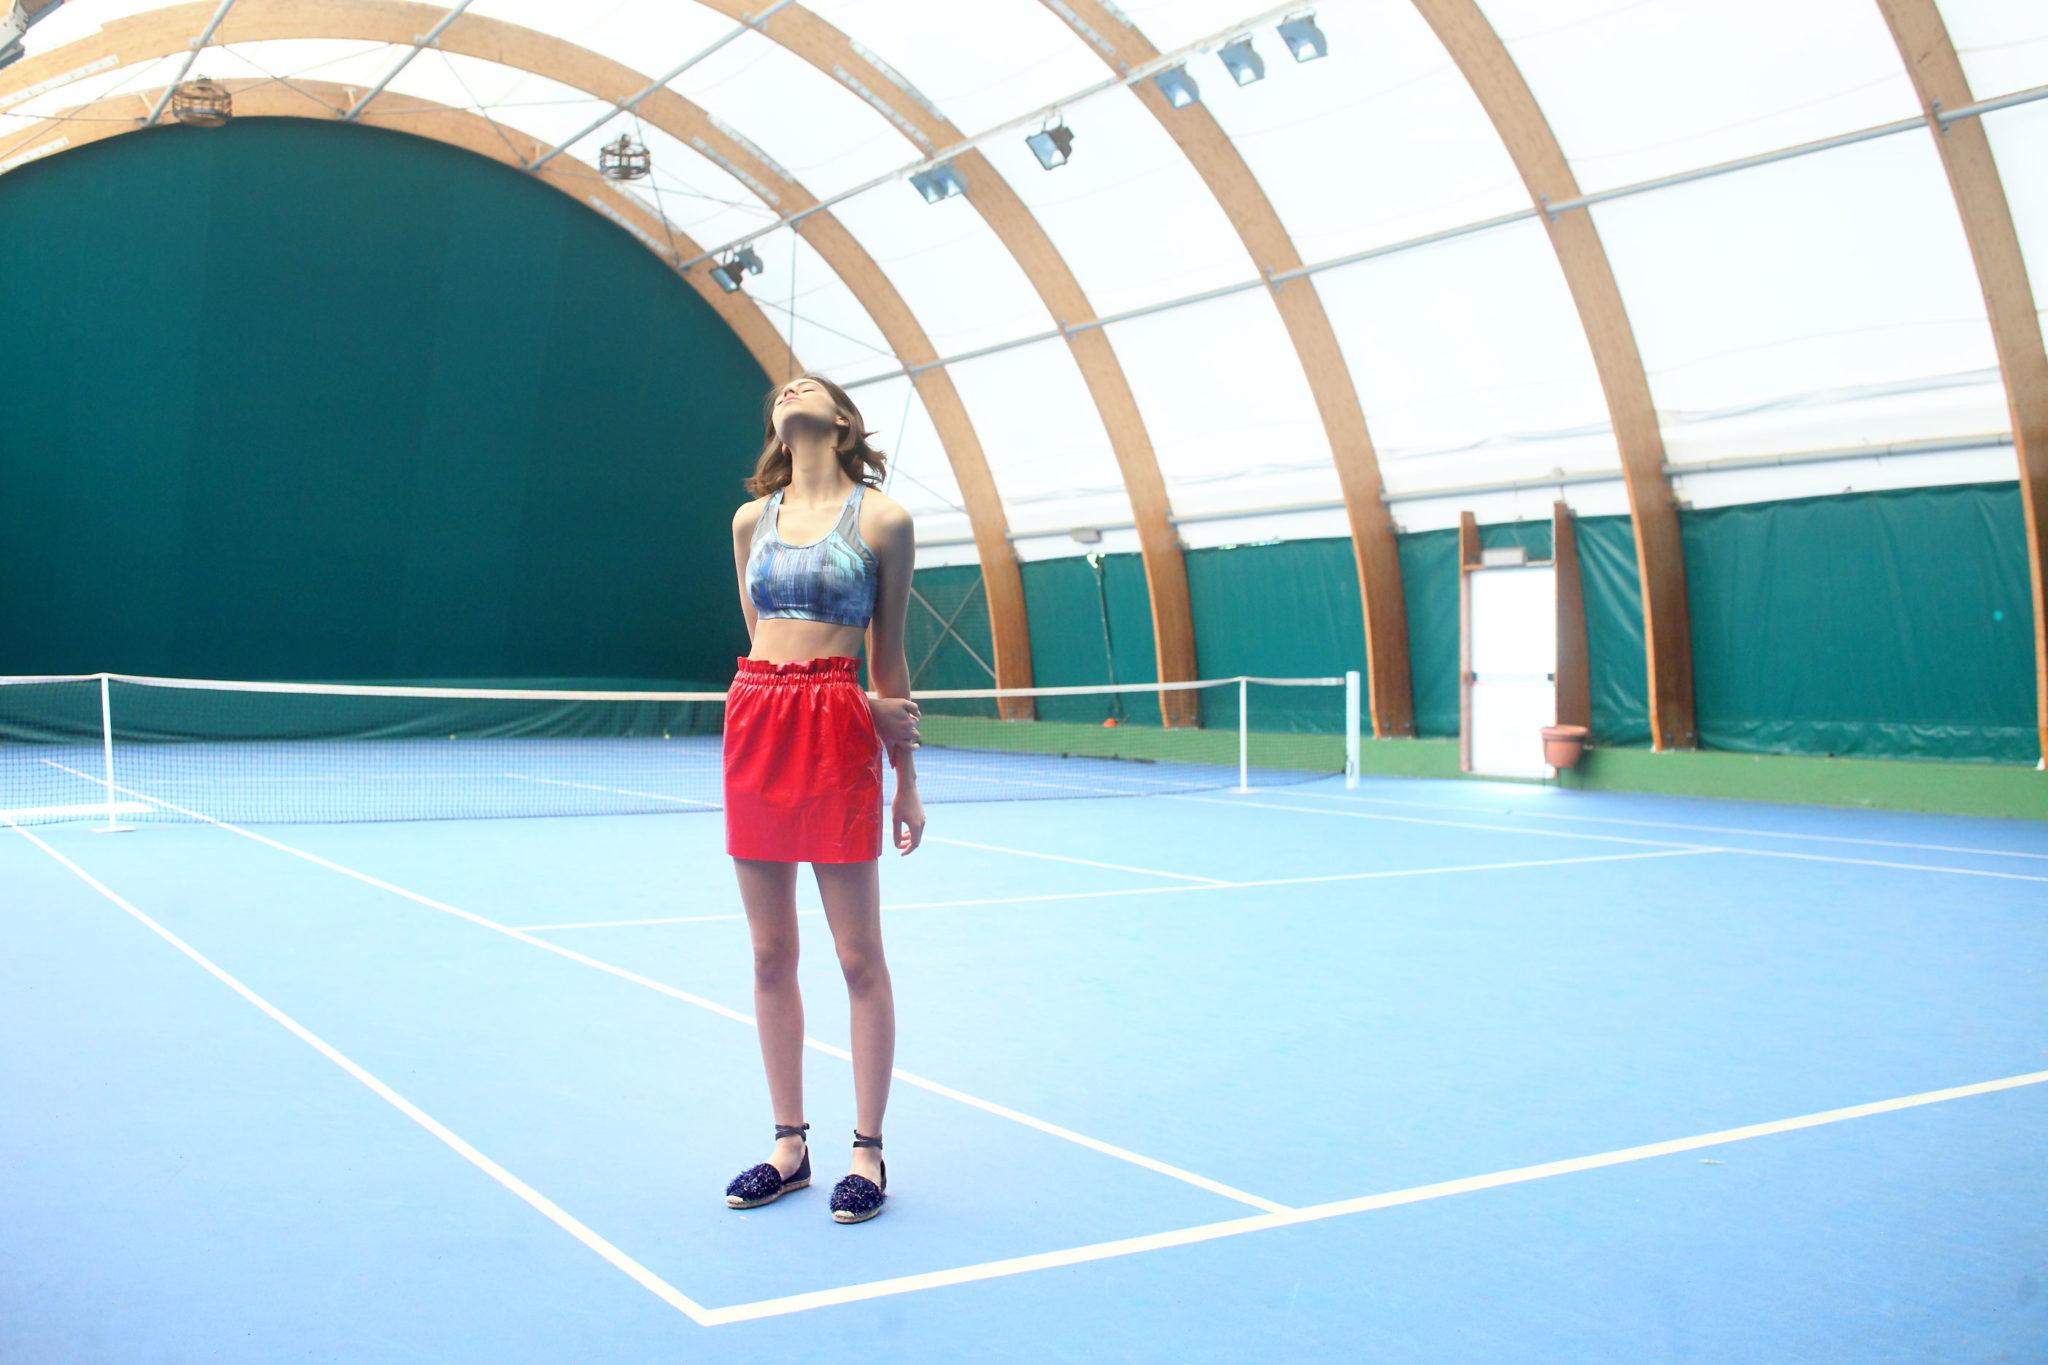 campo-tennis-anna23424.000